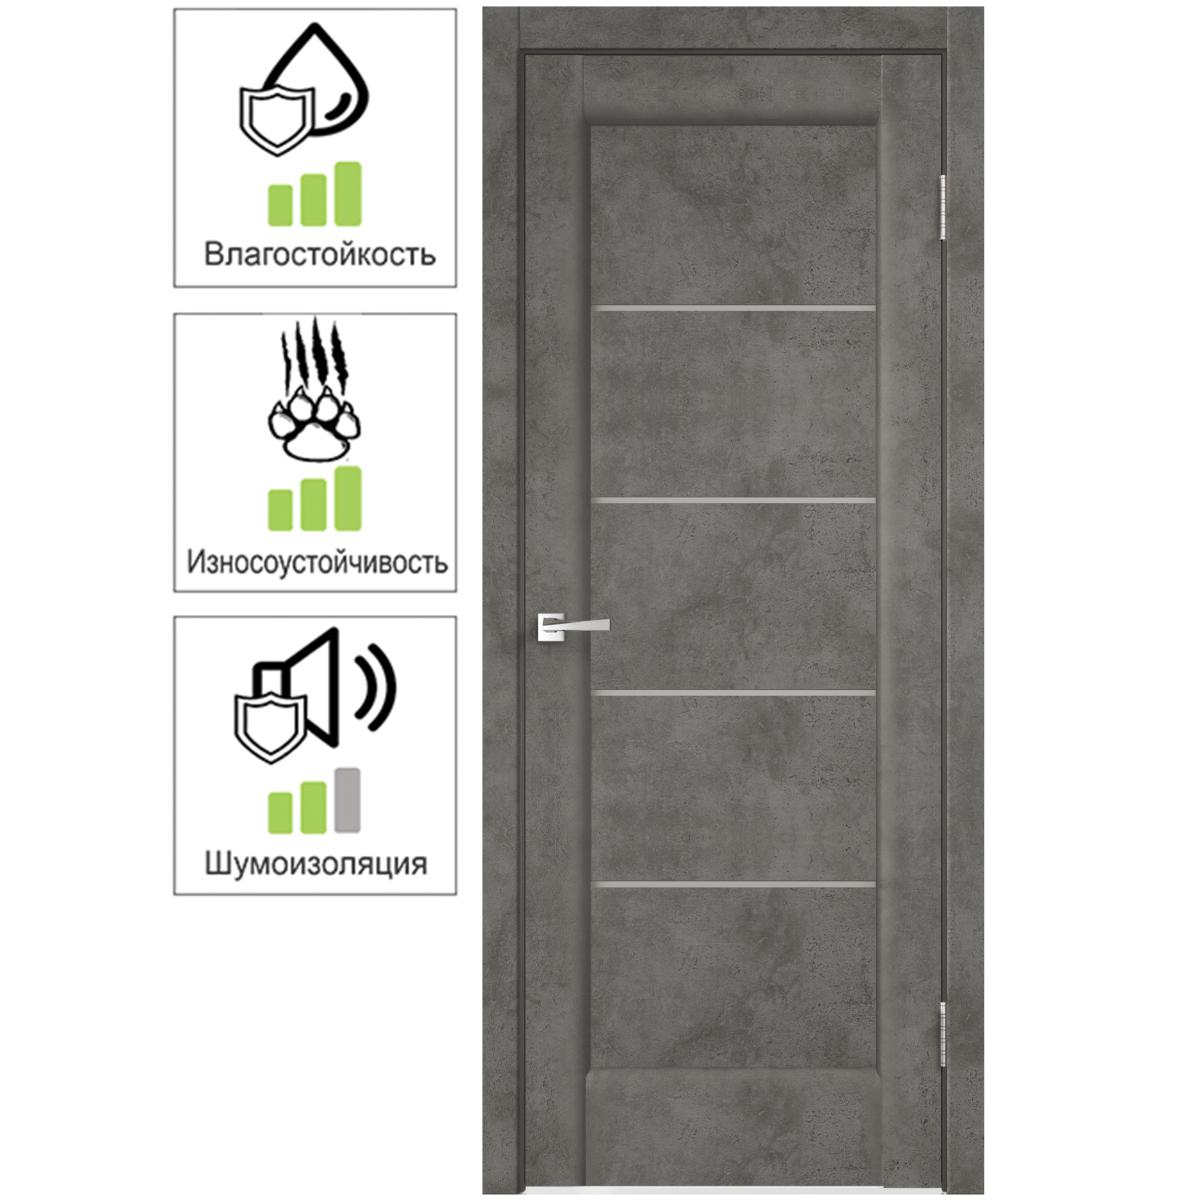 Дверь межкомнатная остеклённая «Сохо» 60x200 см ПВХ цвет лофт тёмный с фурнитурой